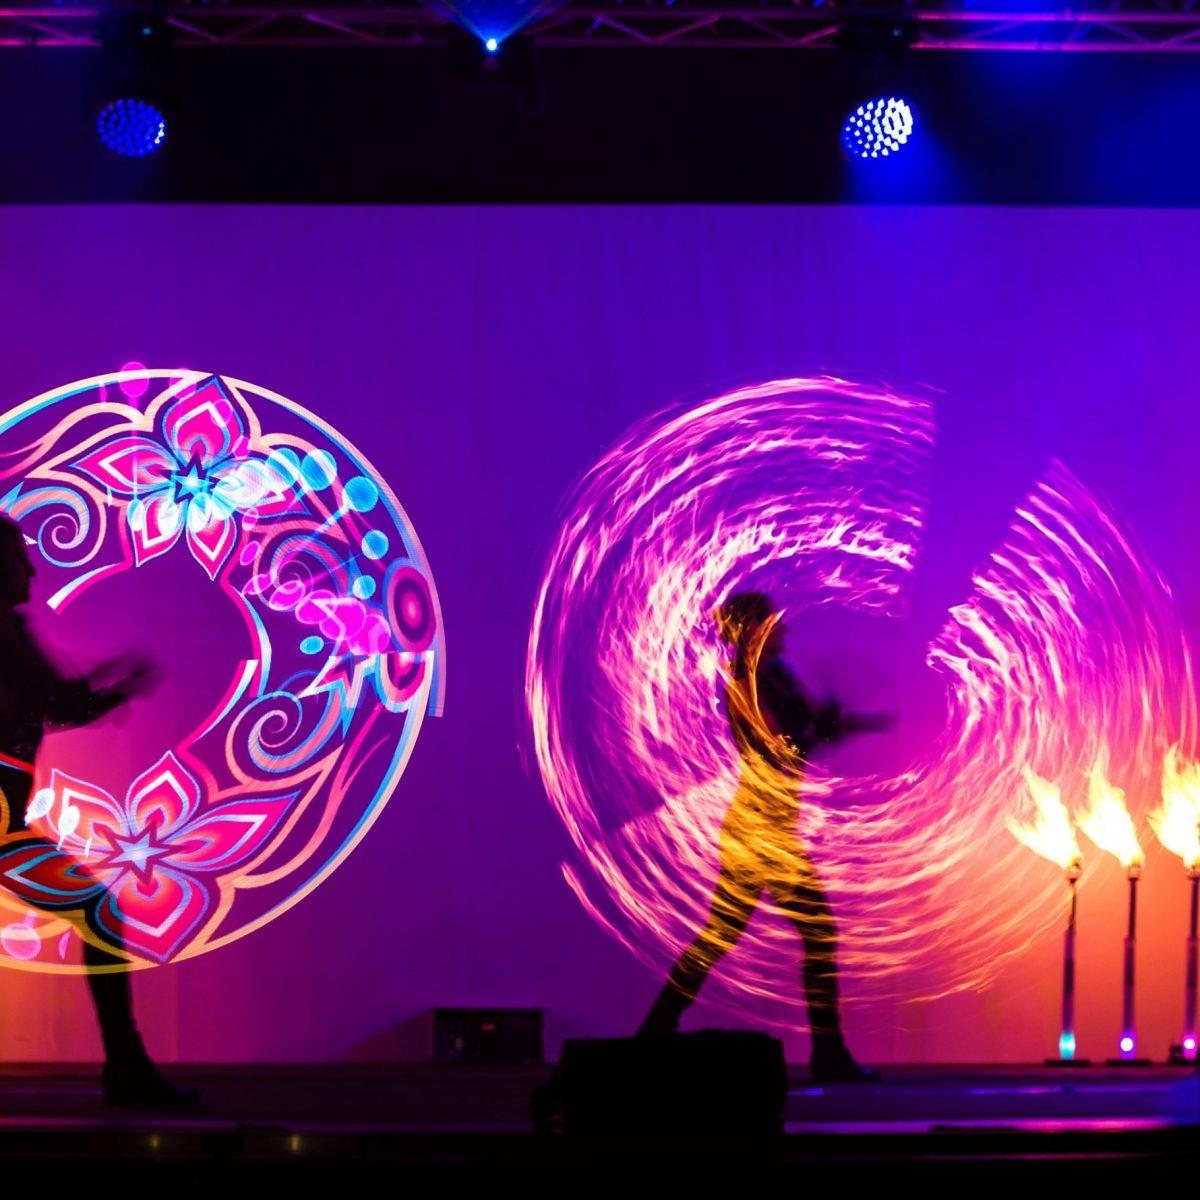 Energiegeladene Feuershow mit Feuer-Effekten